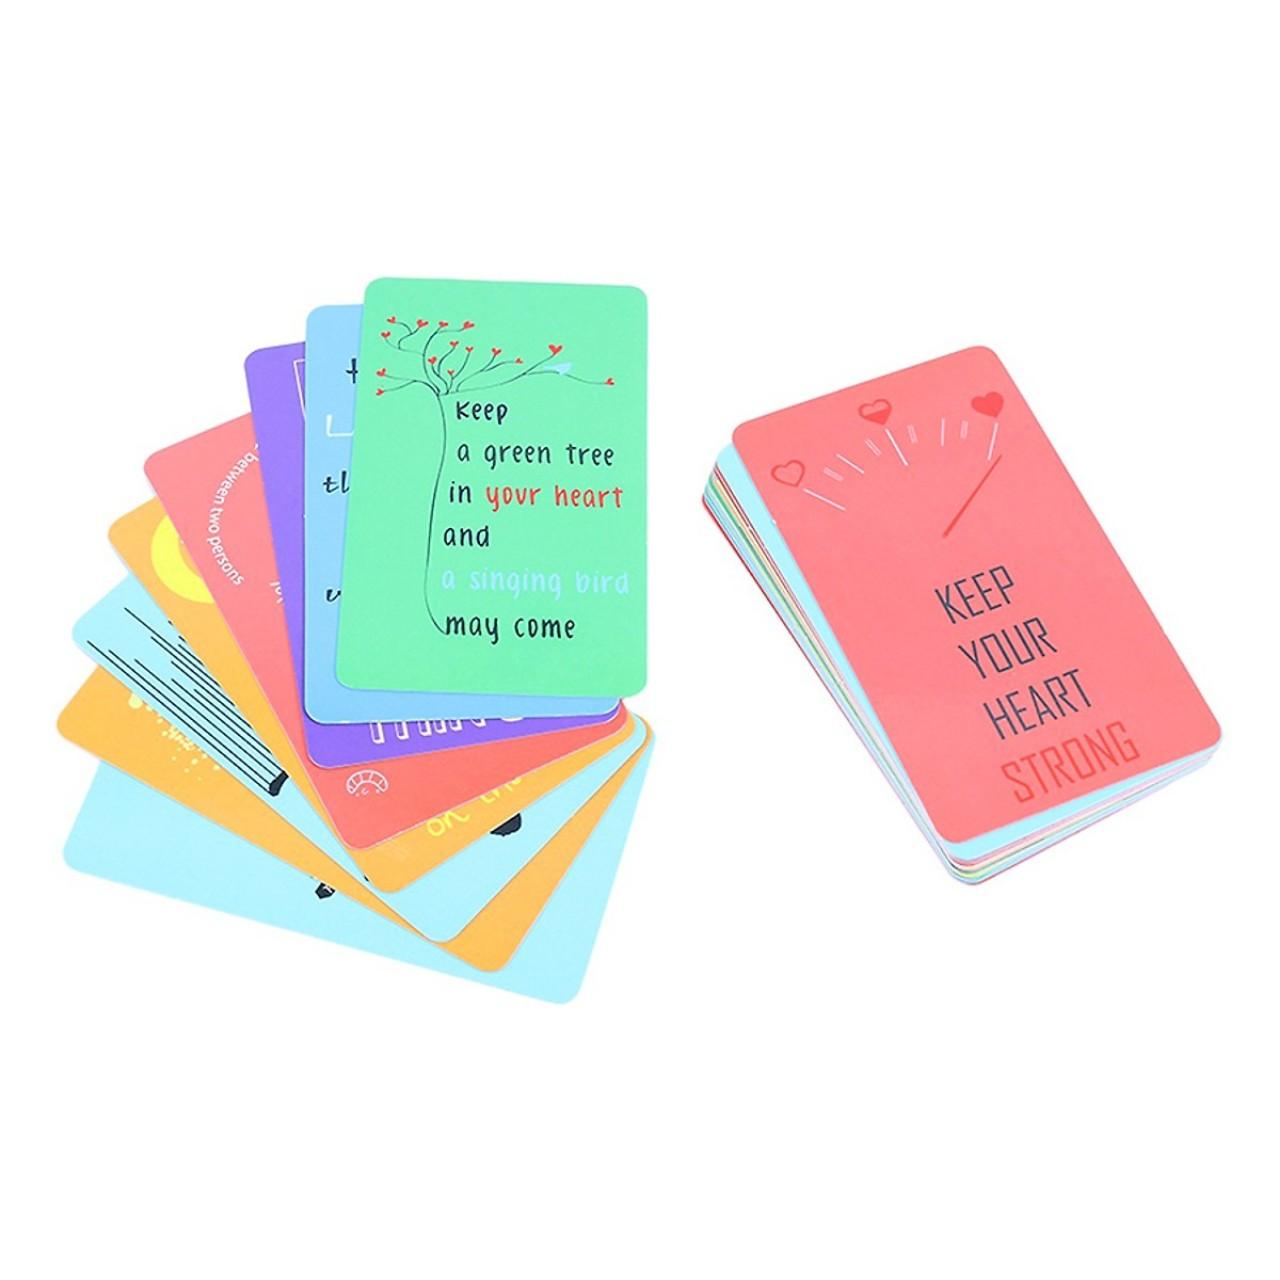 """Công Phá IELTS: How To Crack The IELTS Speaking Test - Part 1 (Cẩm Nang """"Ăn Điểm"""" Với Giám Khảo - Tặng Kèm Postcard Green Life)"""